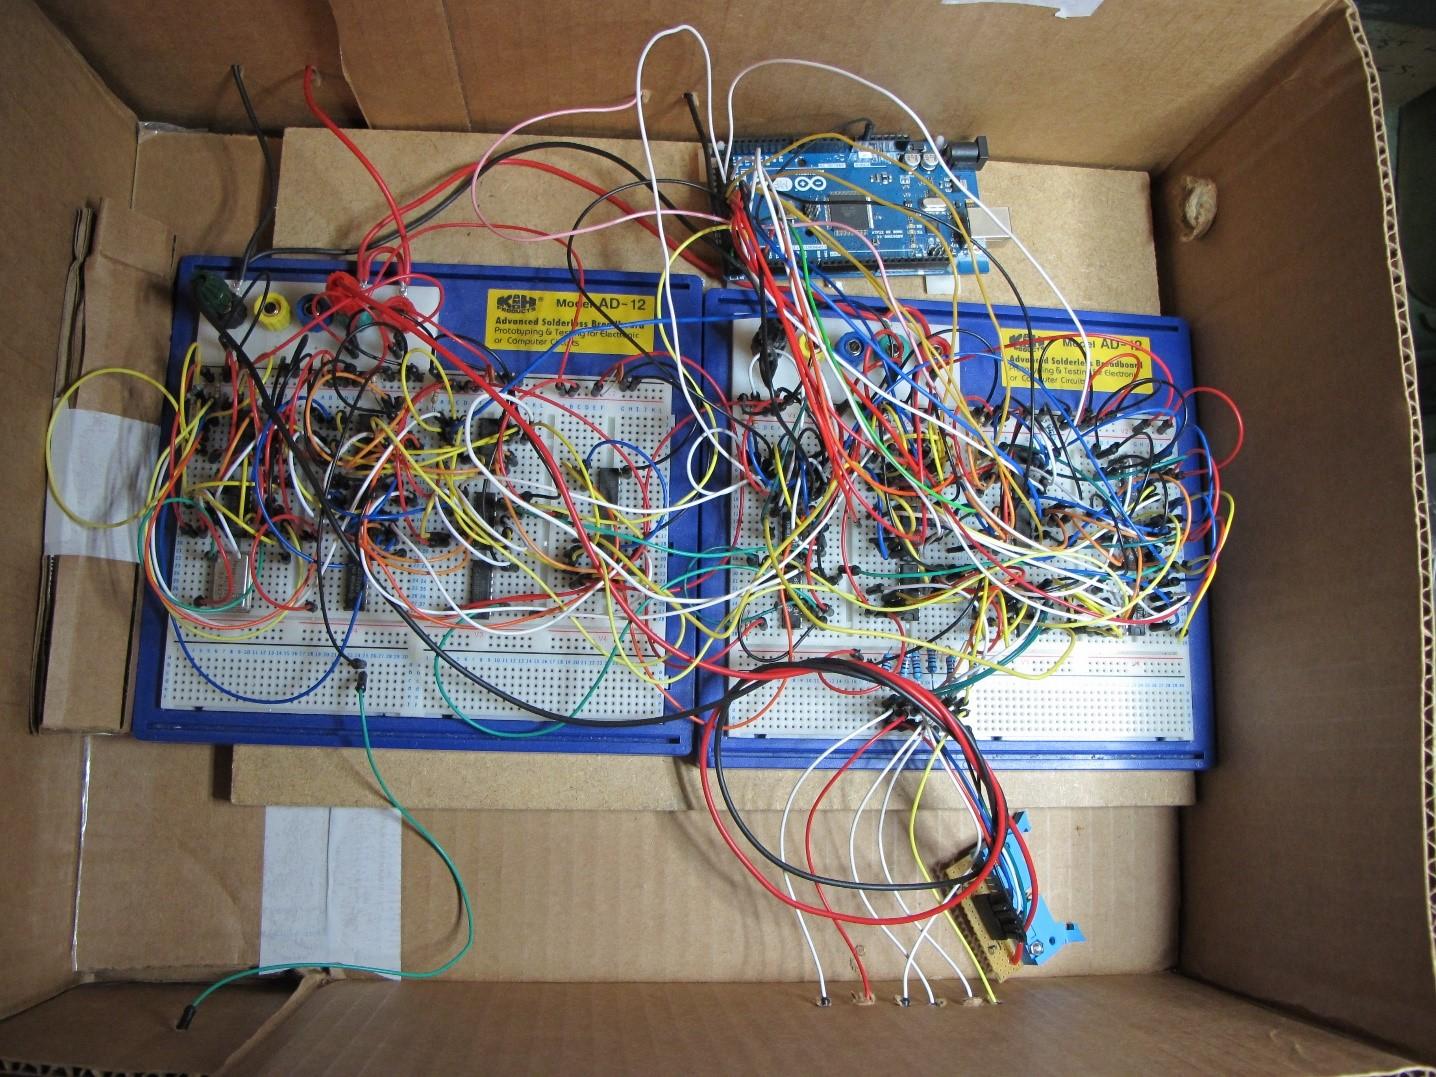 Local electricians in Sevenoaks